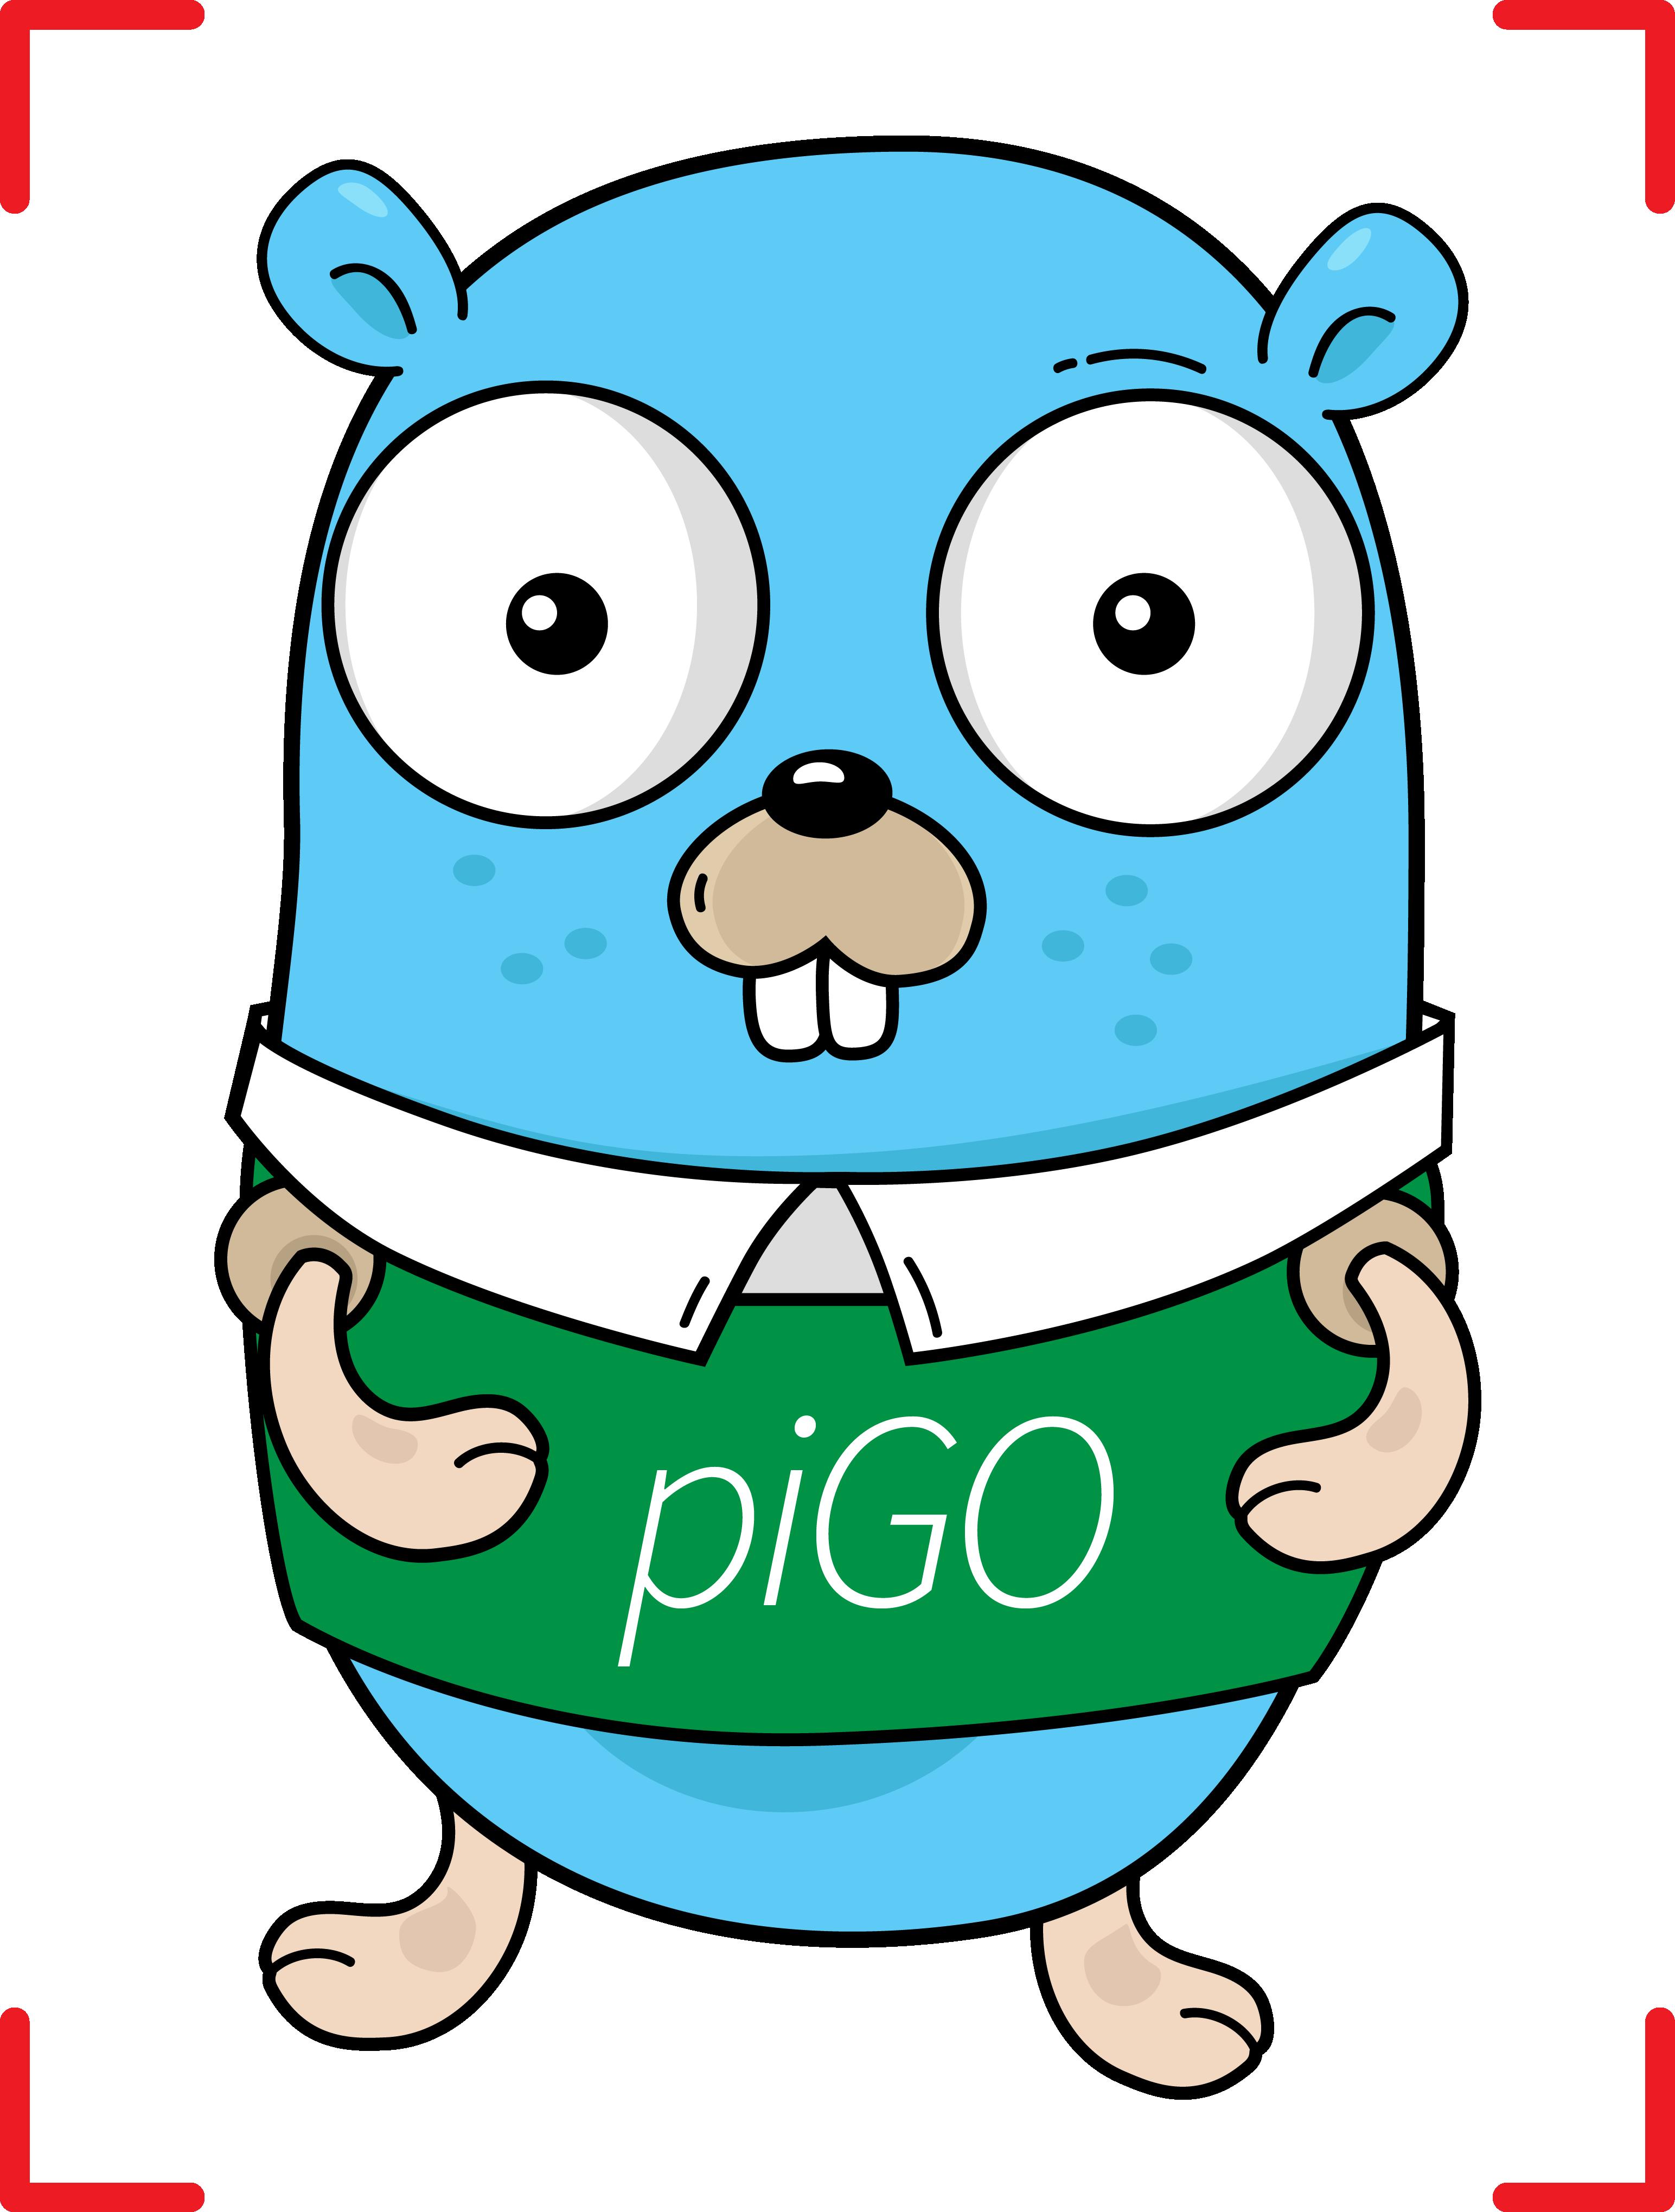 pigo-logo